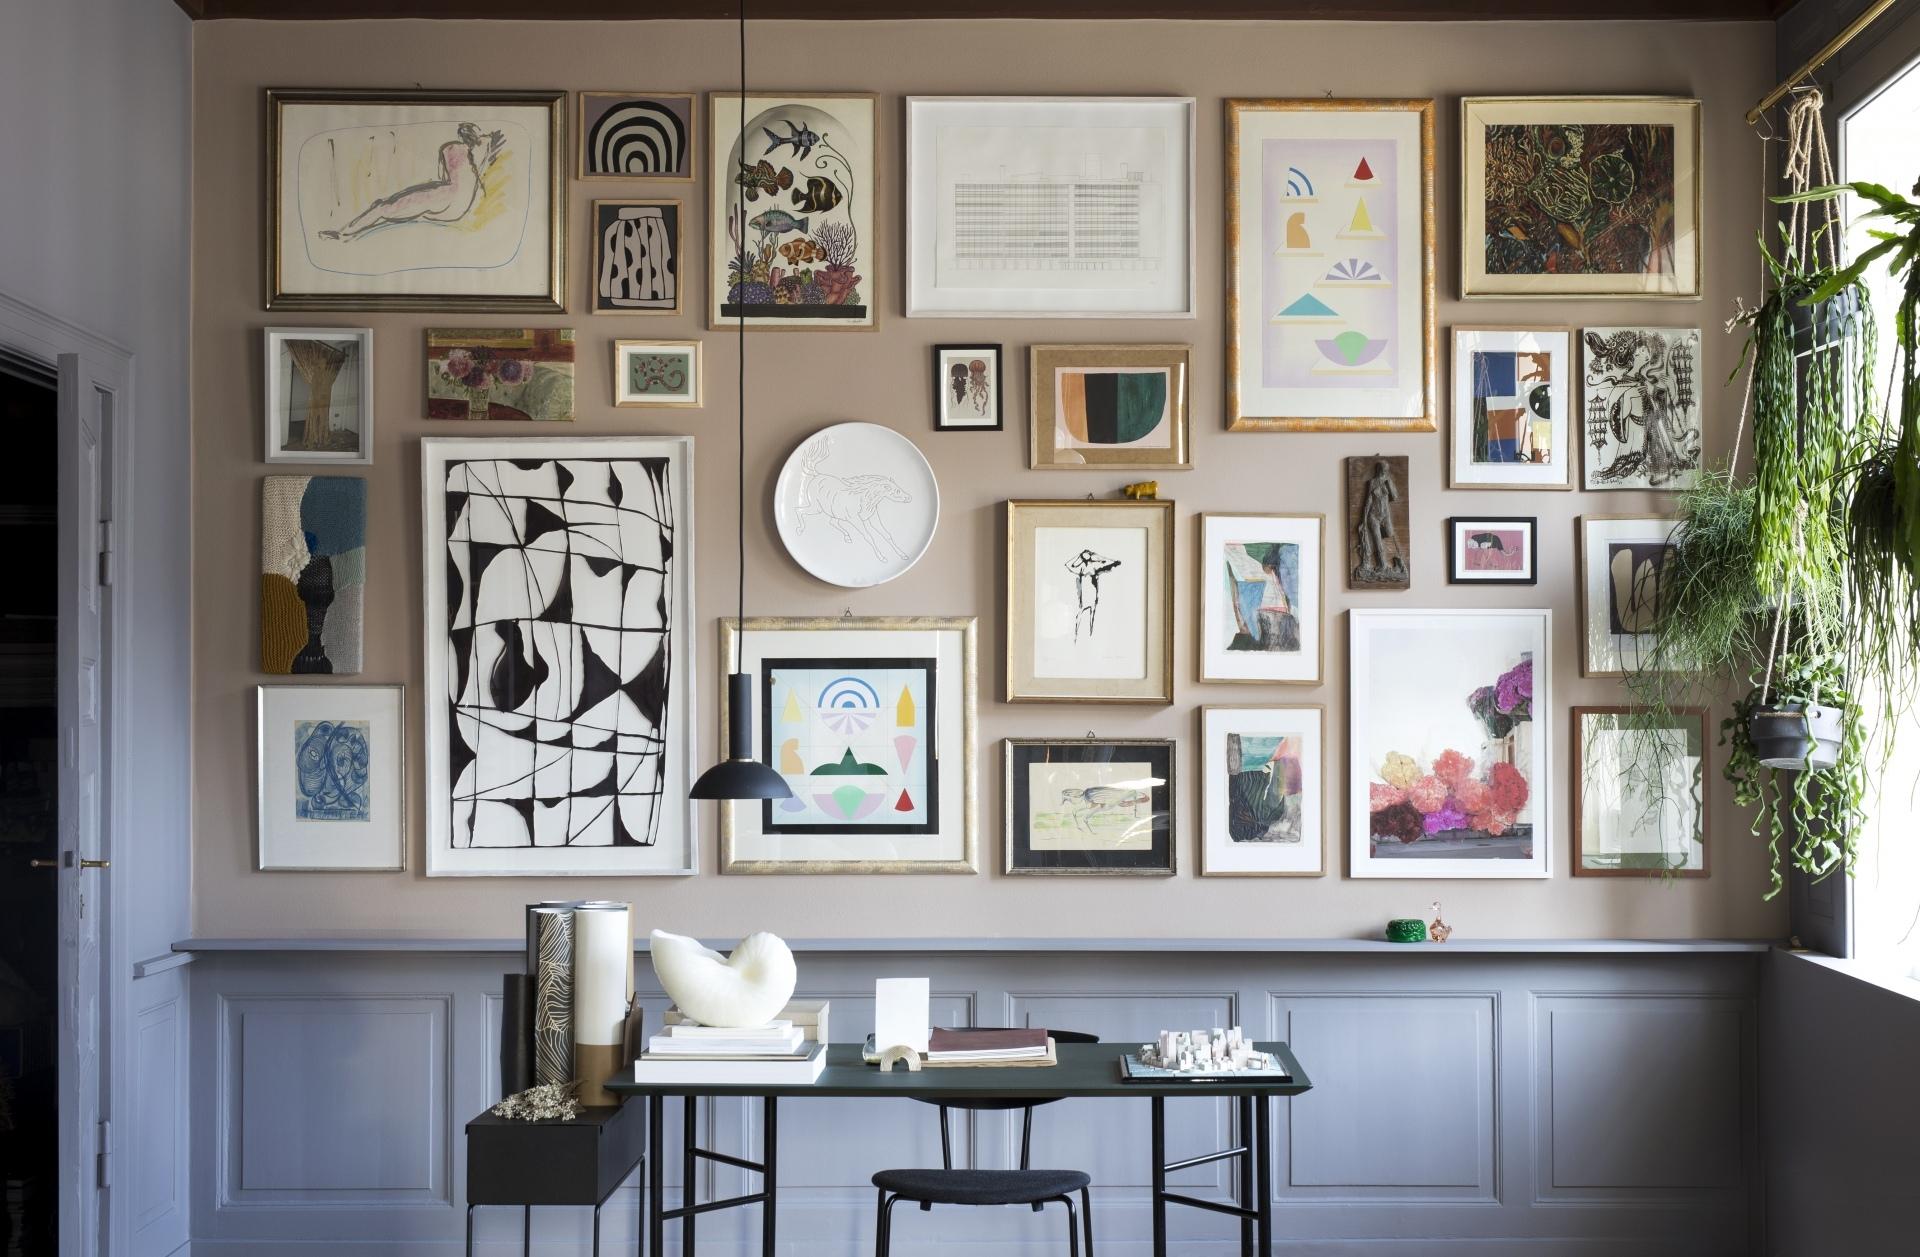 einrichten f r anf nger blog. Black Bedroom Furniture Sets. Home Design Ideas